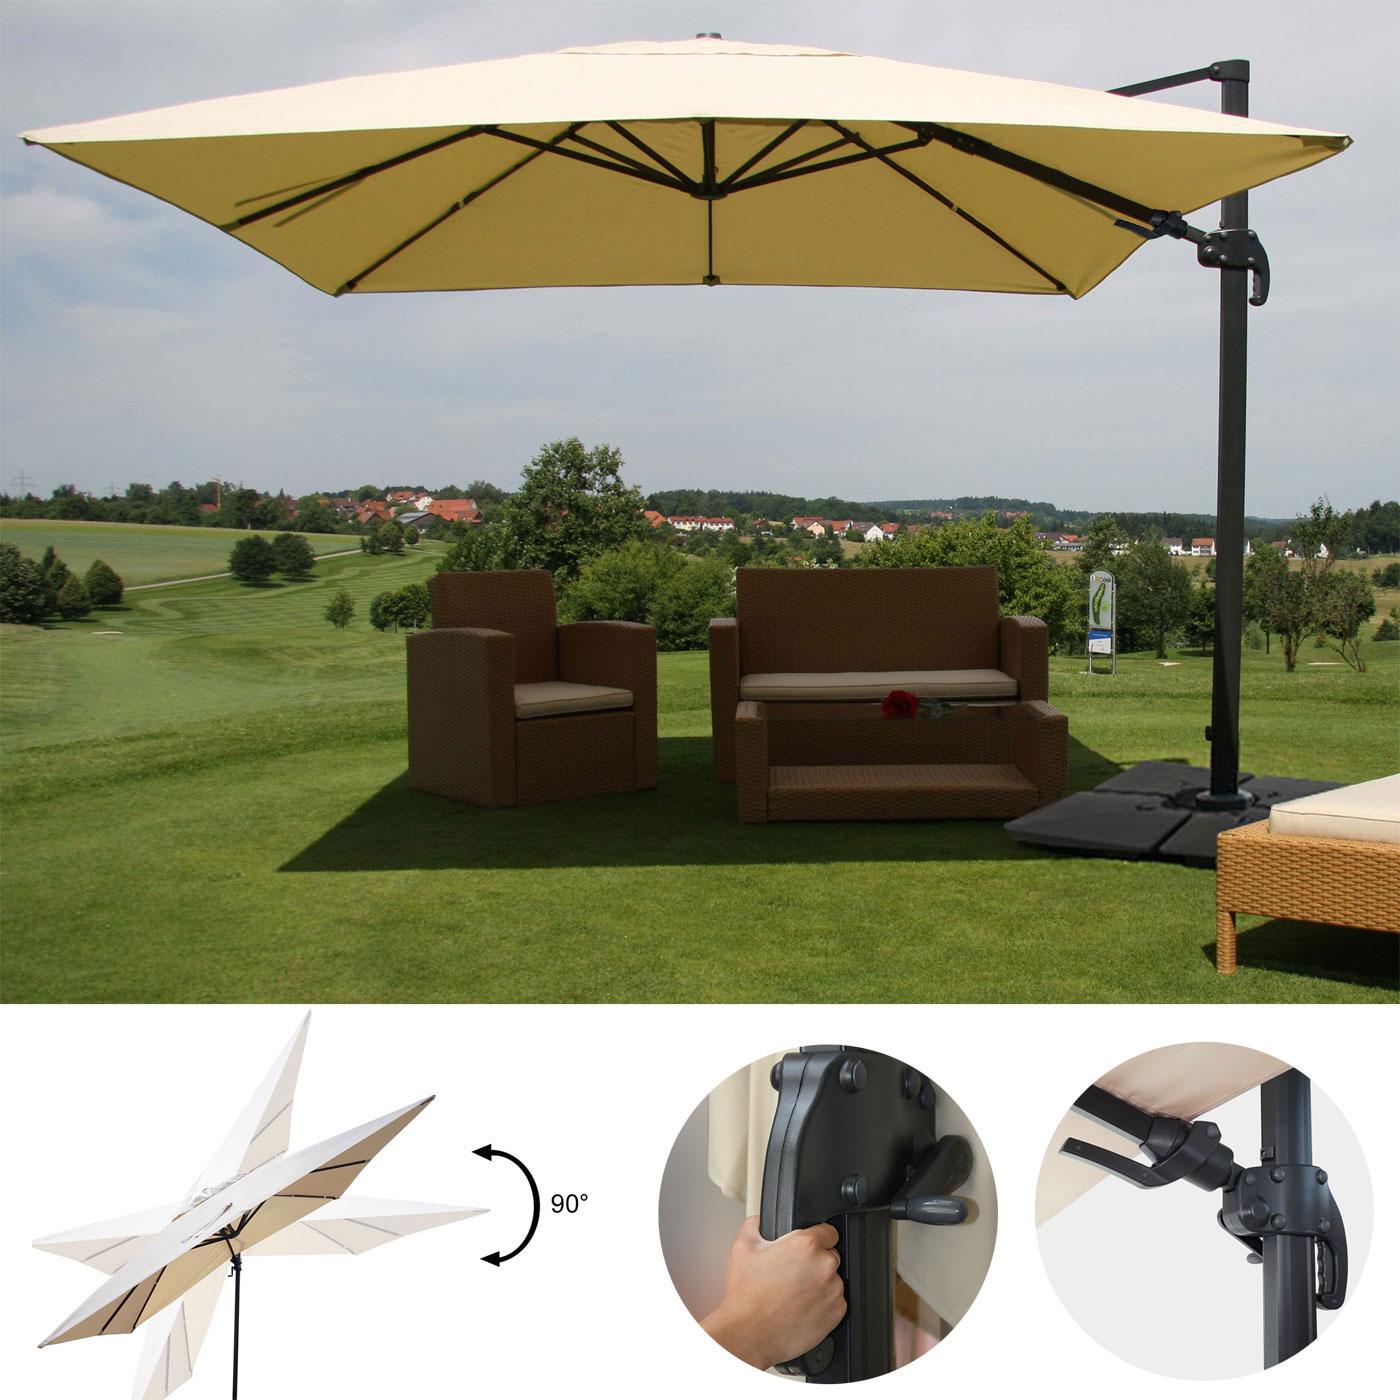 gastronomie luxus ampelschirm hwc schwenkbar kippbar alu 3x4m creme mit st nder. Black Bedroom Furniture Sets. Home Design Ideas